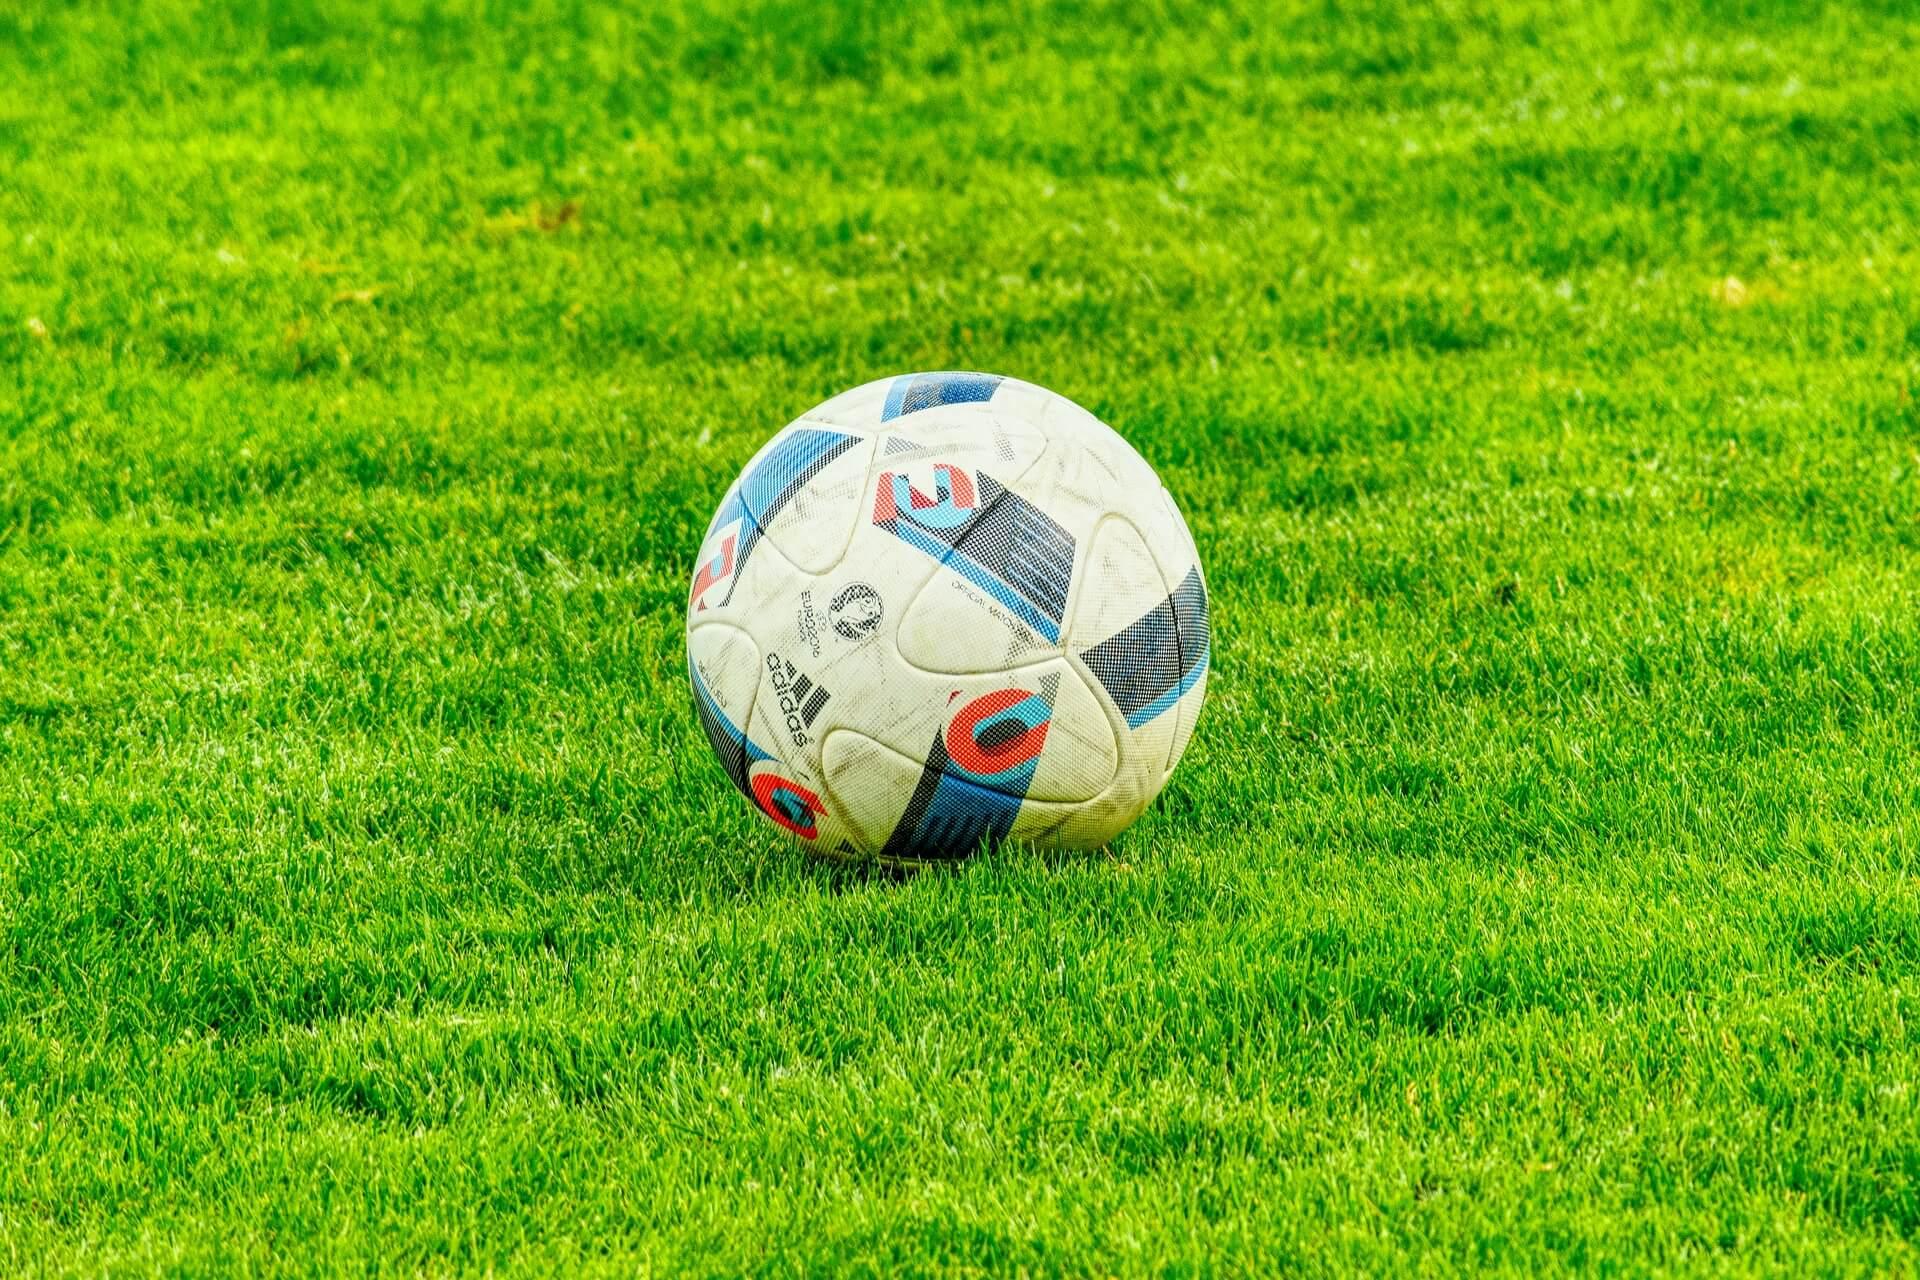 migliori-bookmakers-siti-scommesse-calcio